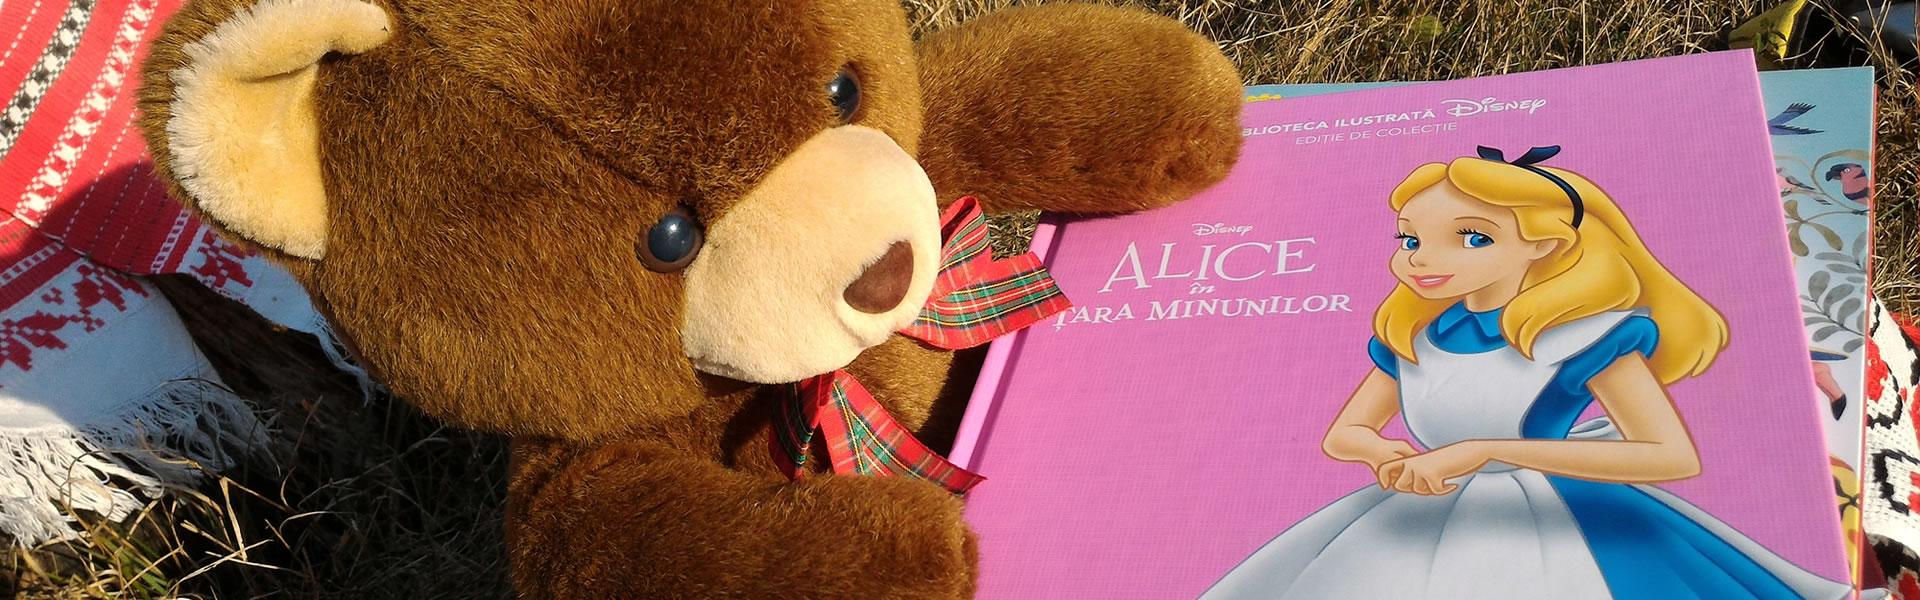 Alice in tara minunilor - Editie de colectie - Editura Litera ISBN: 978-606-33-0725-6